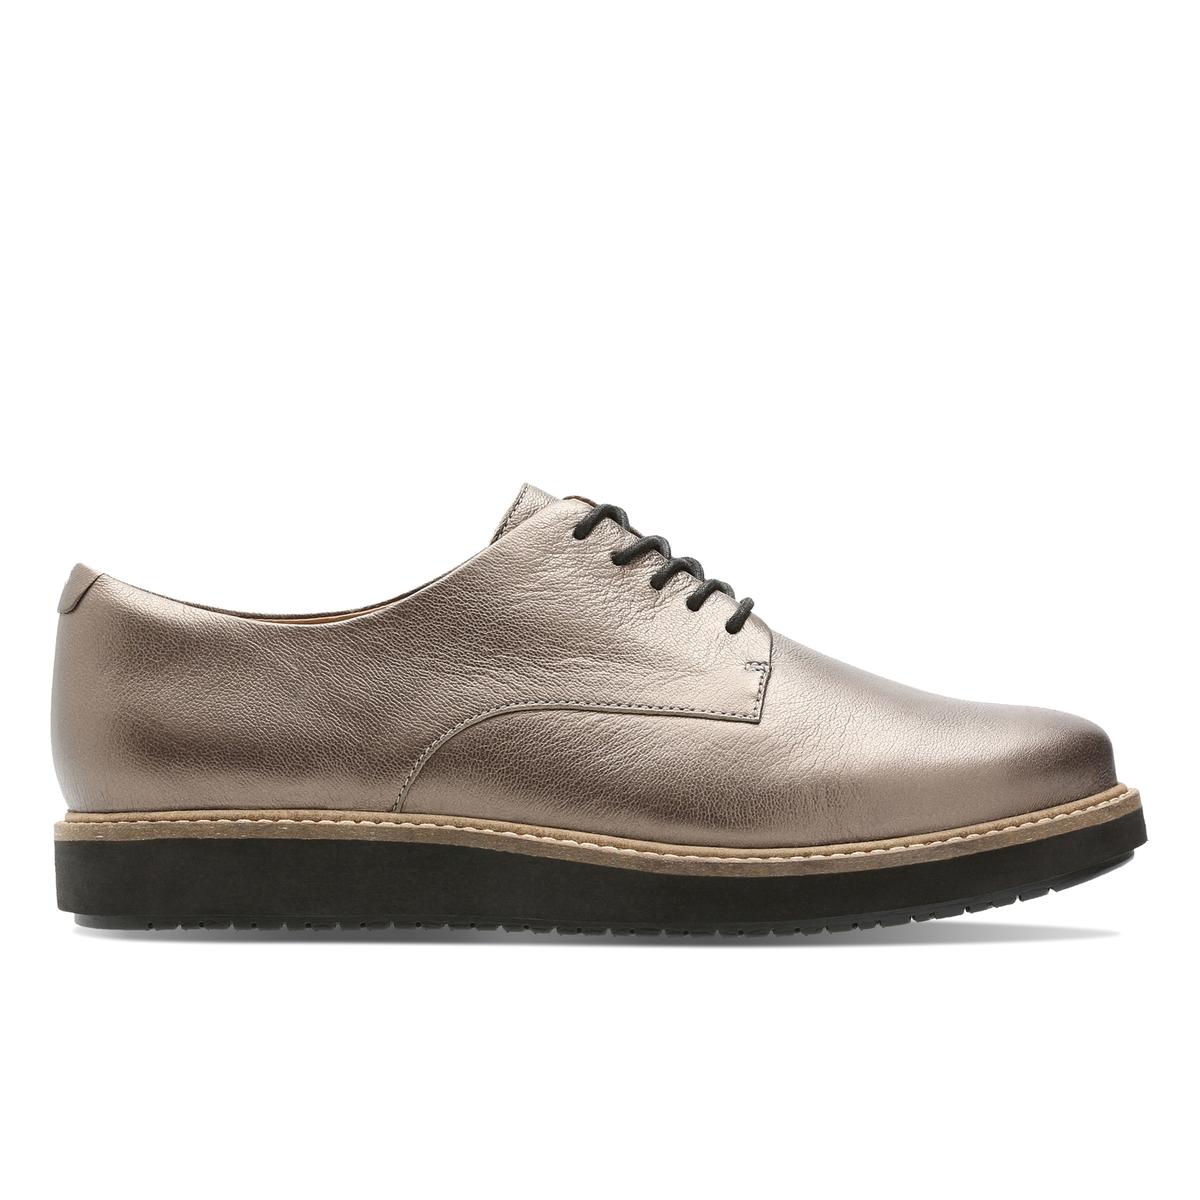 Ботинки-дерби кожаные Glick Darby ботинки дерби clarks stafford park5